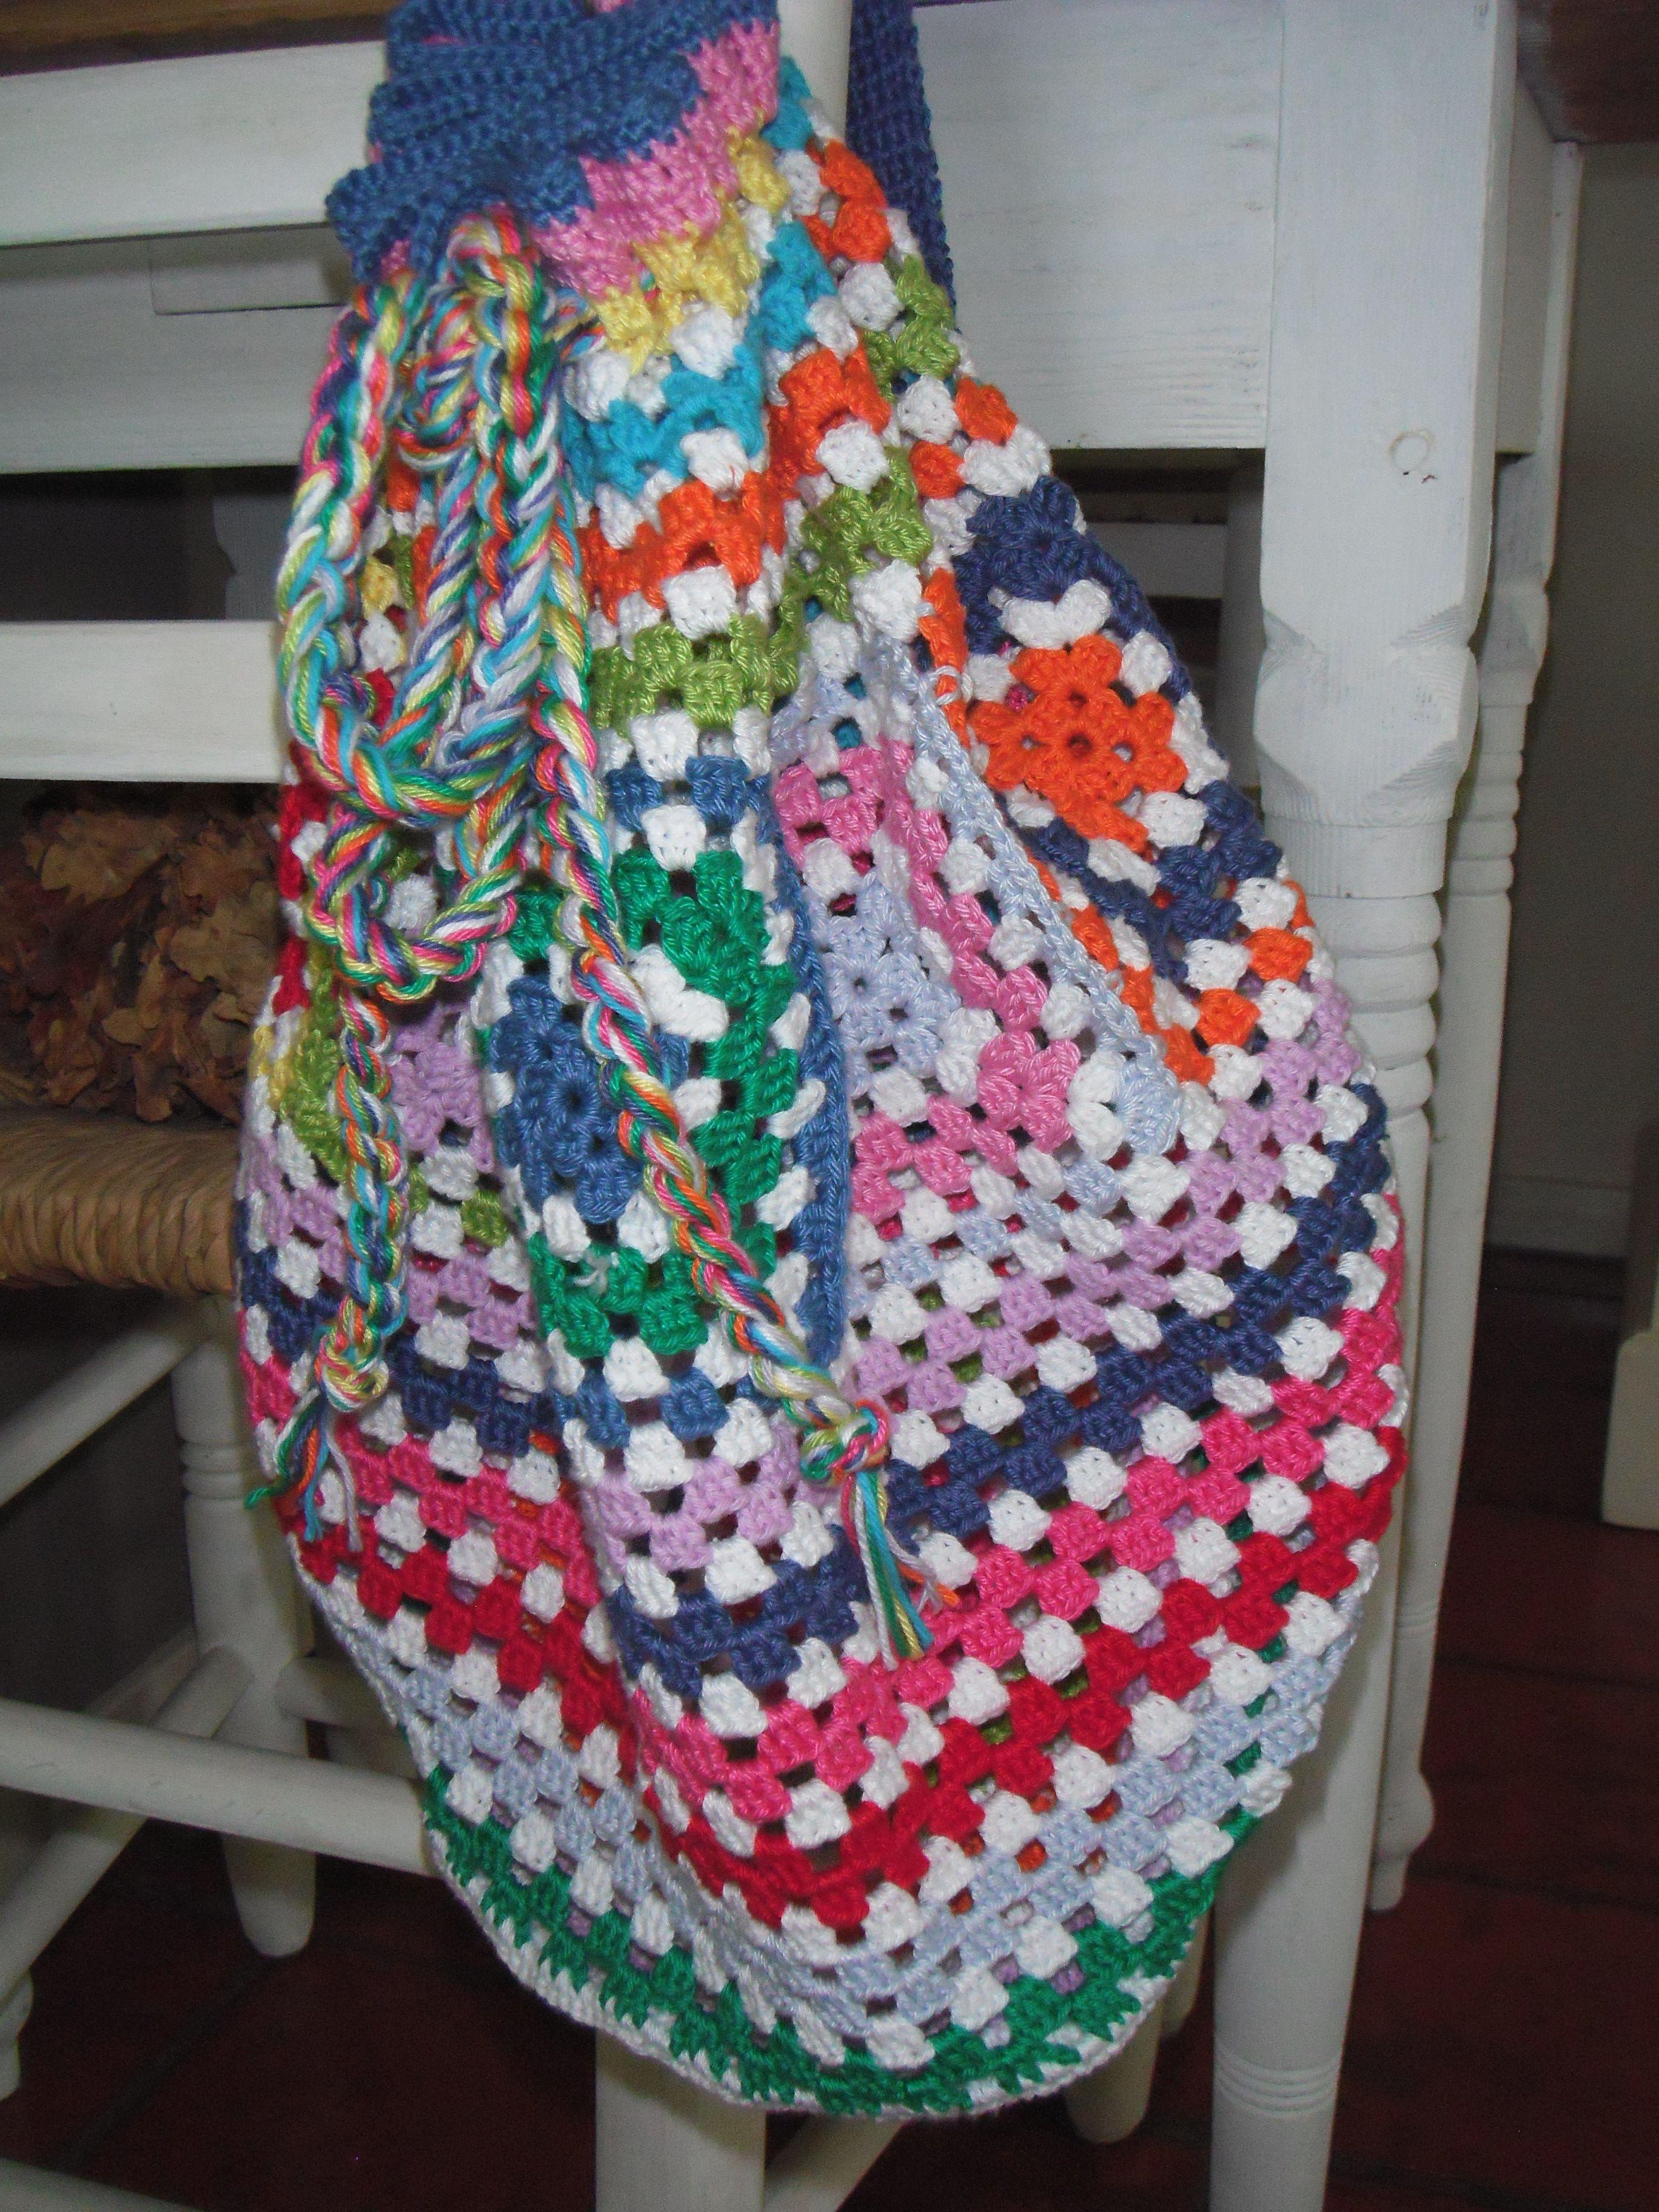 Gehaakte tas in vele kleuren